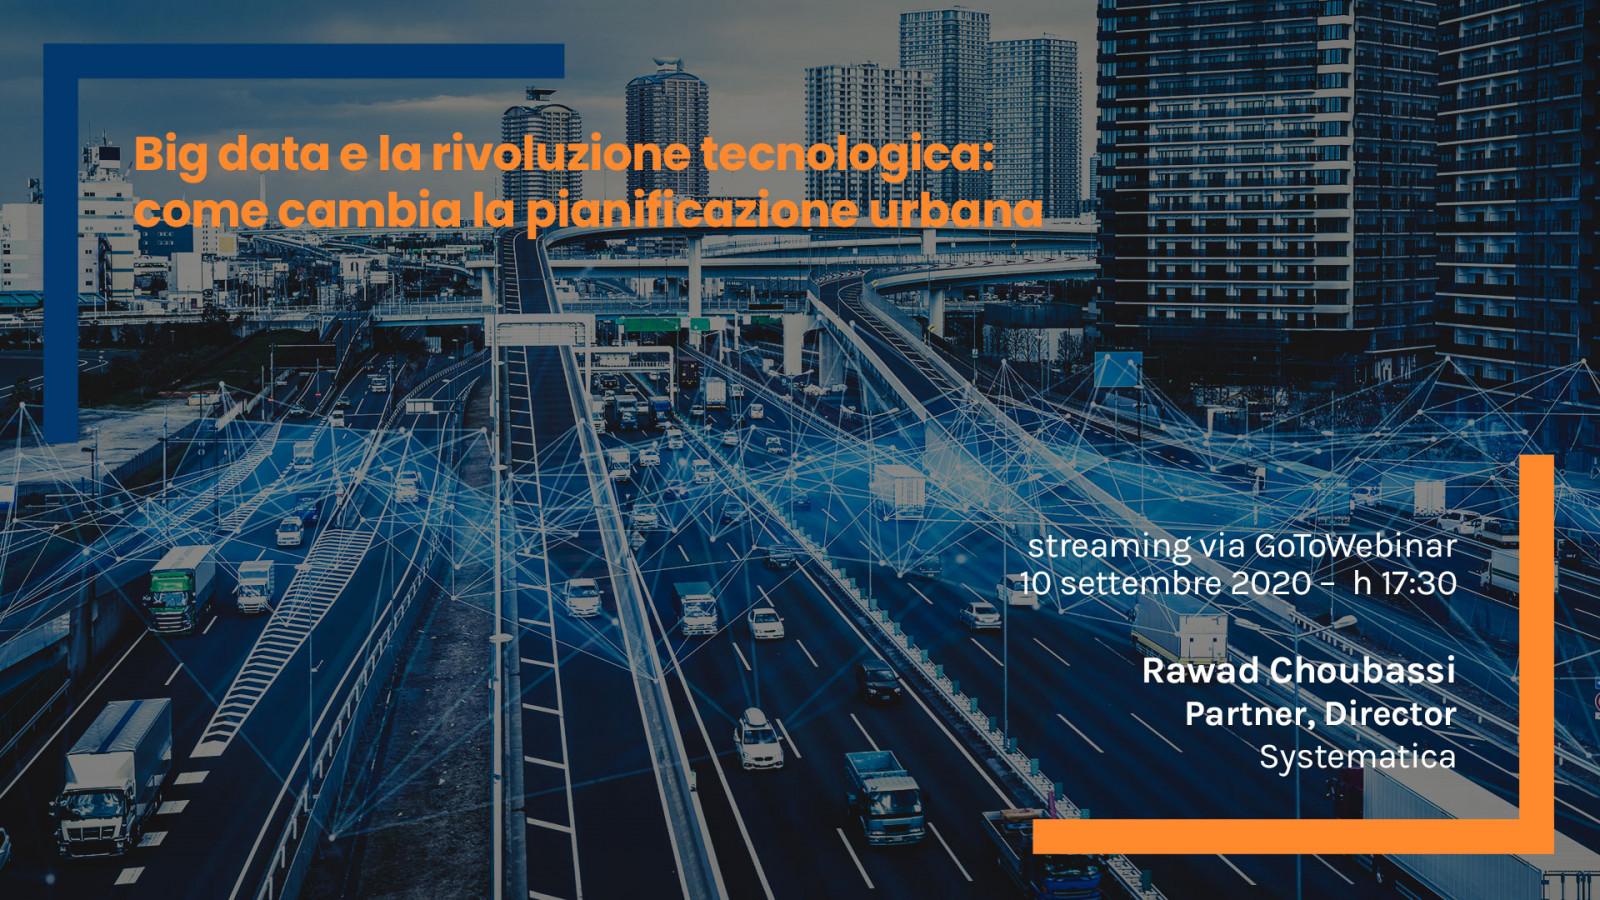 Big data e la rivoluzione tecnologica: come cambia la pianificazione urbana